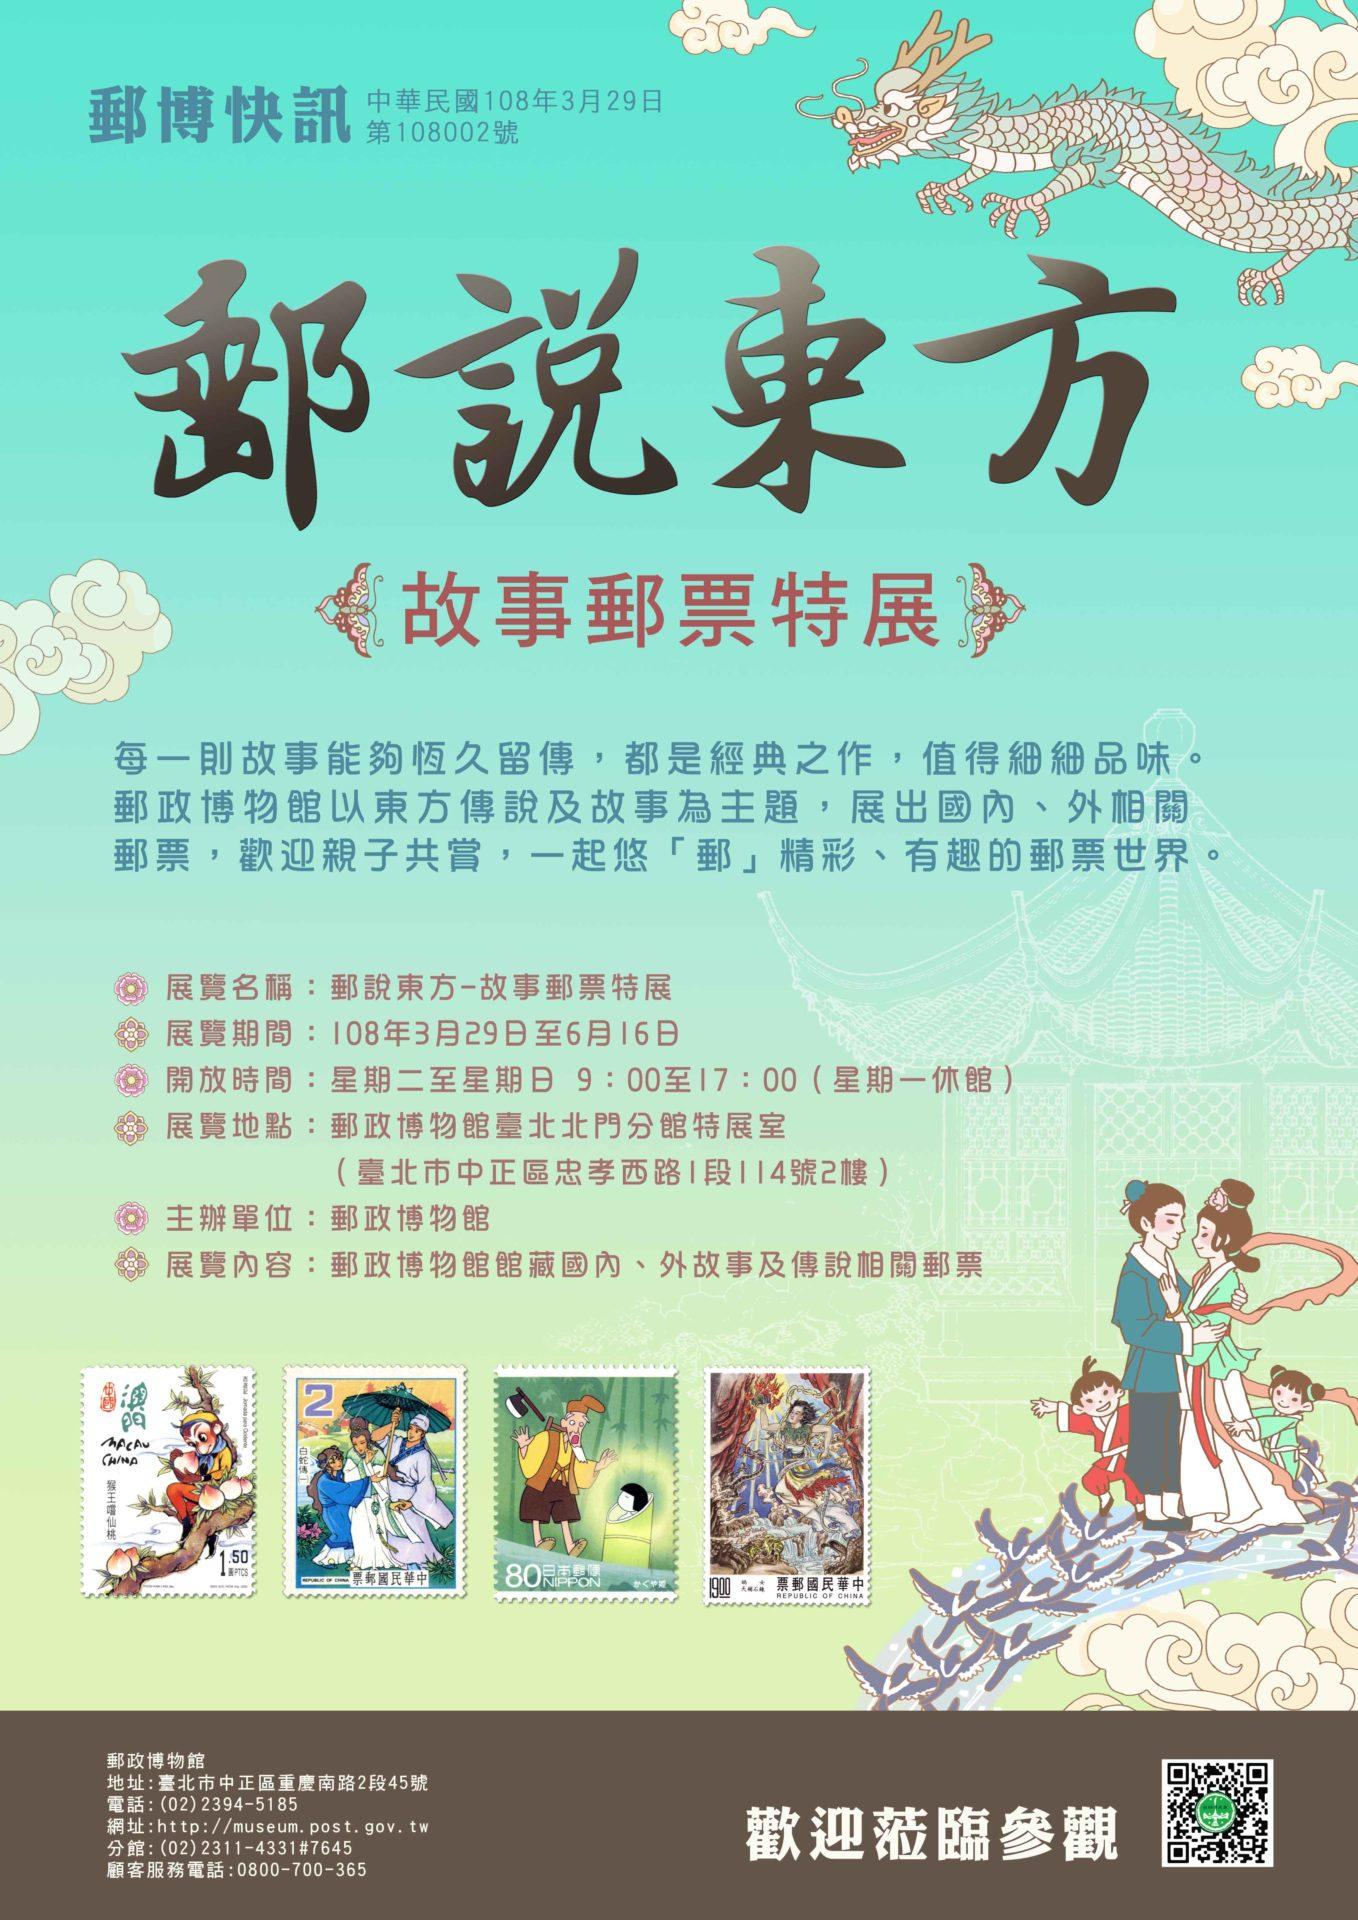 郵政博物館:2019/03/29-2019/06/16【郵說東方-故事郵票特展】